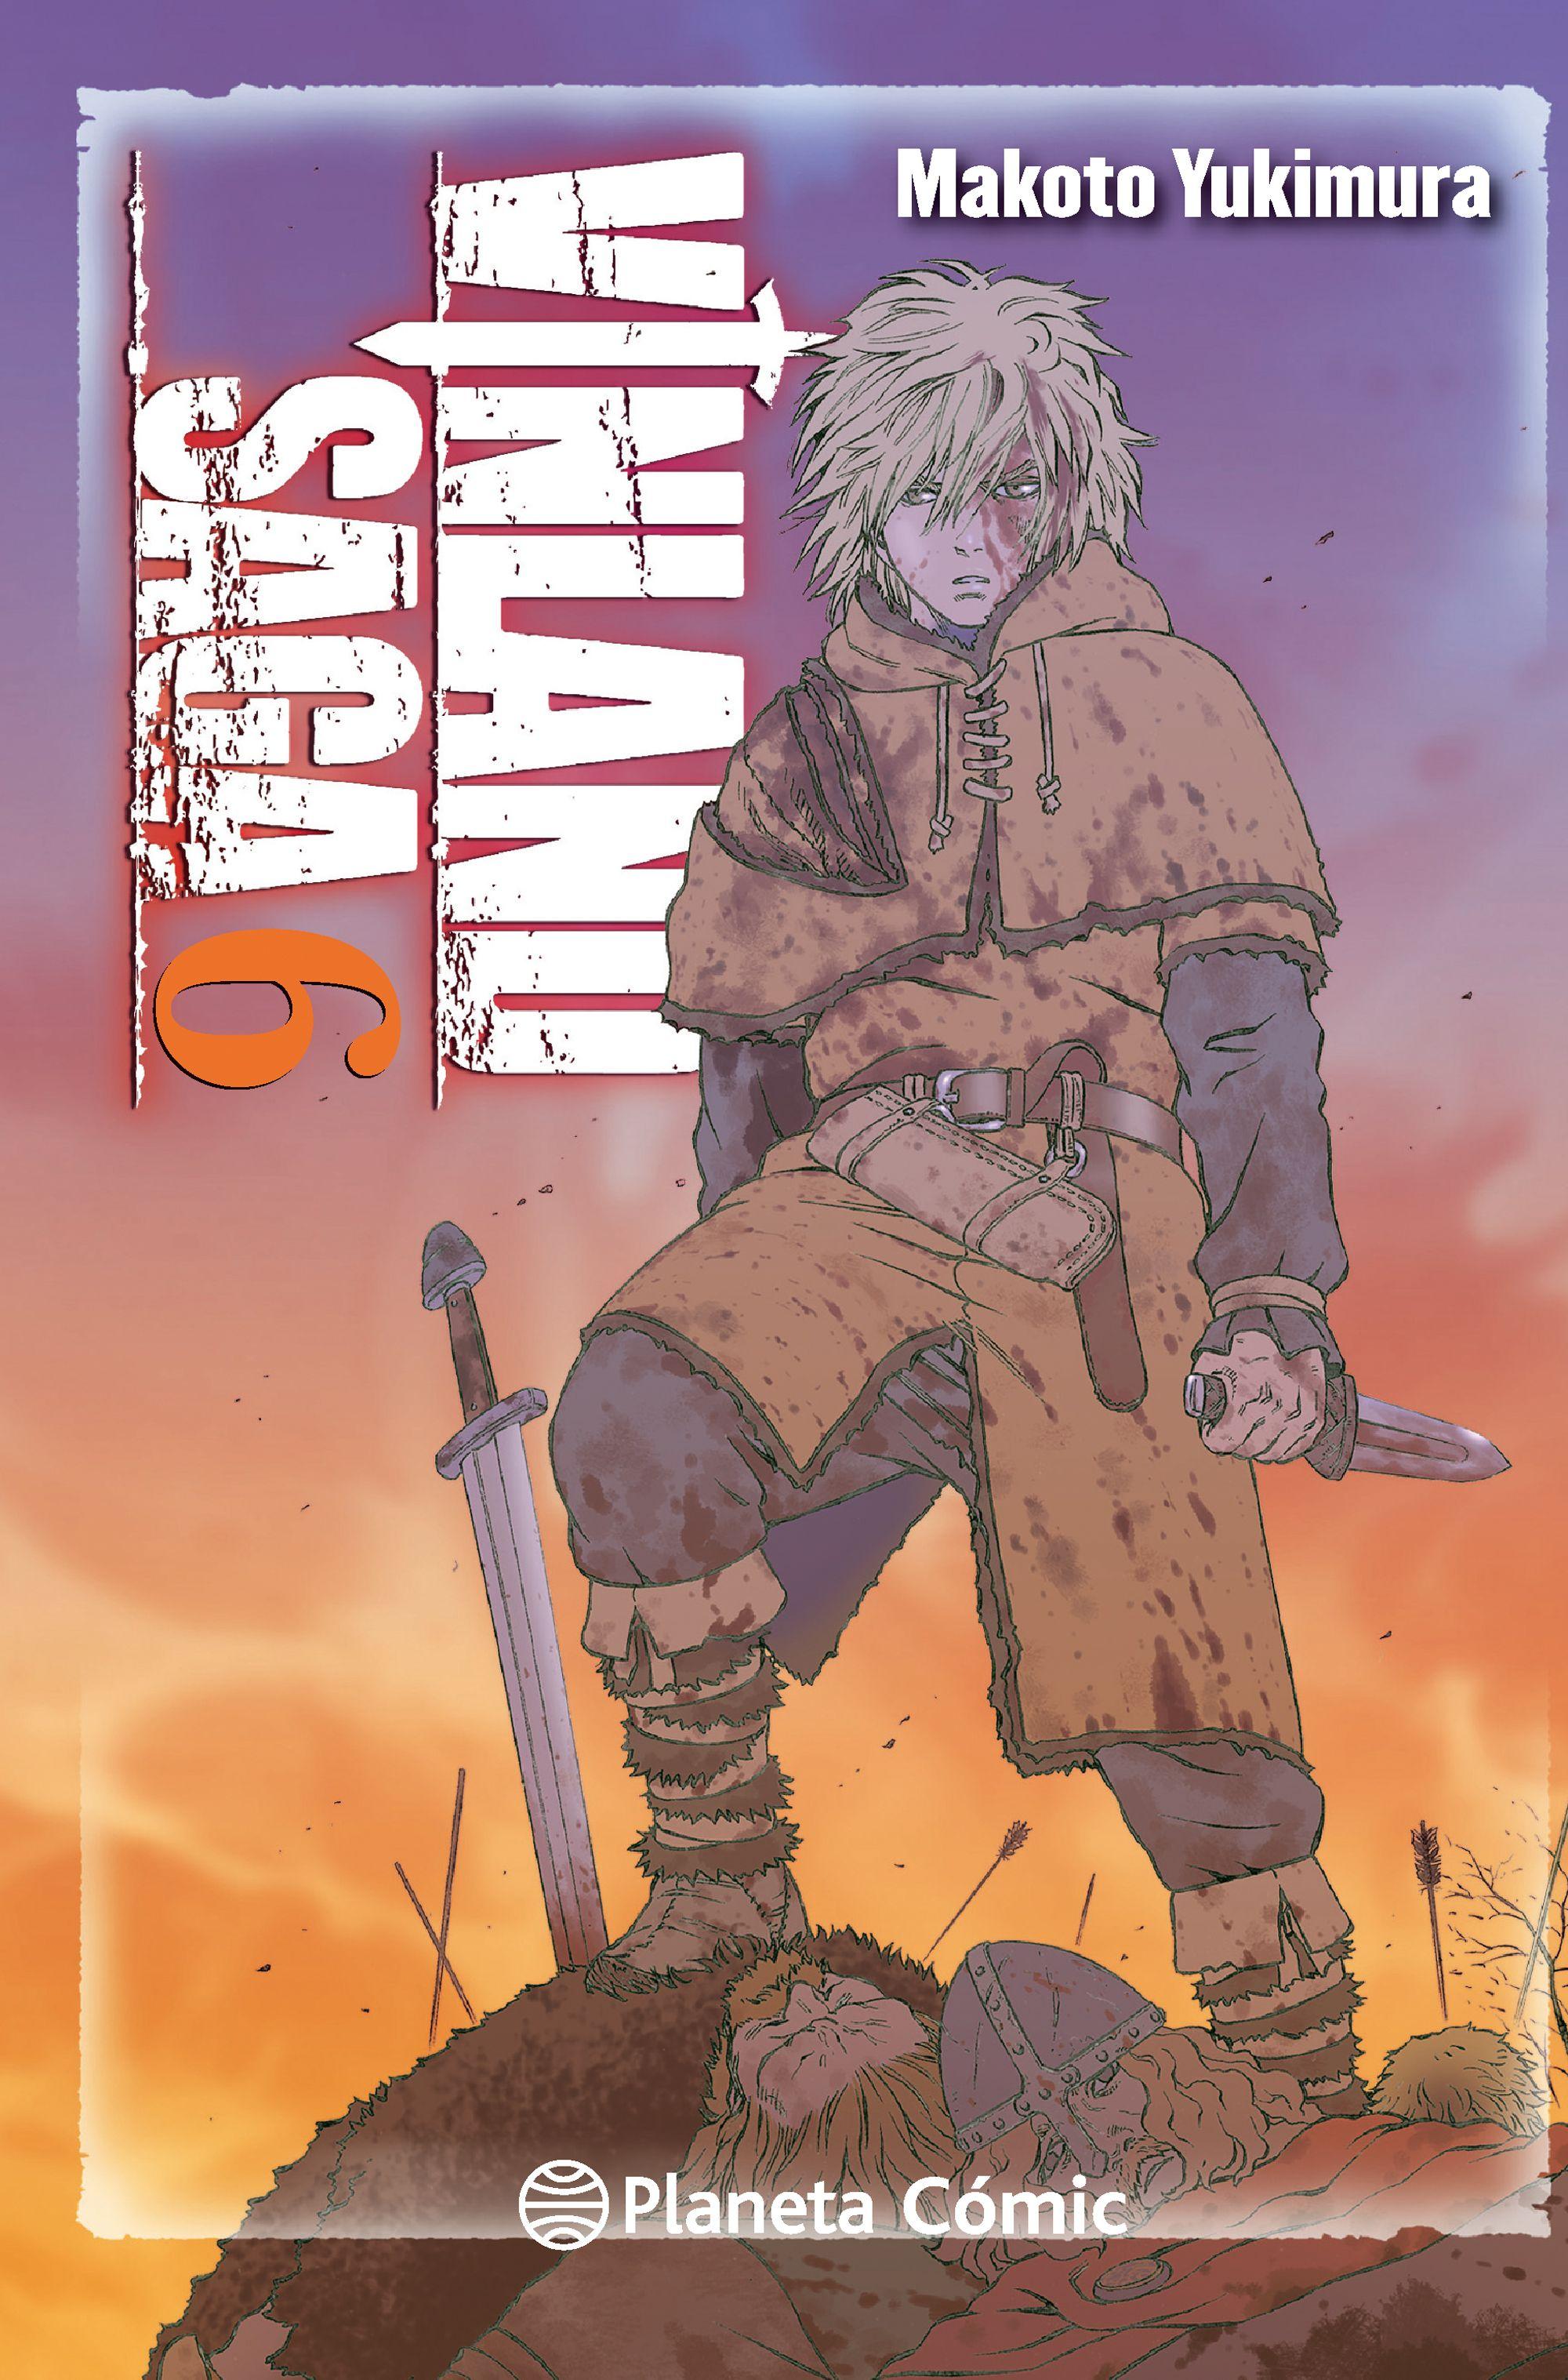 Vinland Saga 6 - Makoto Yukimura - Planeta Deagostini Cómics